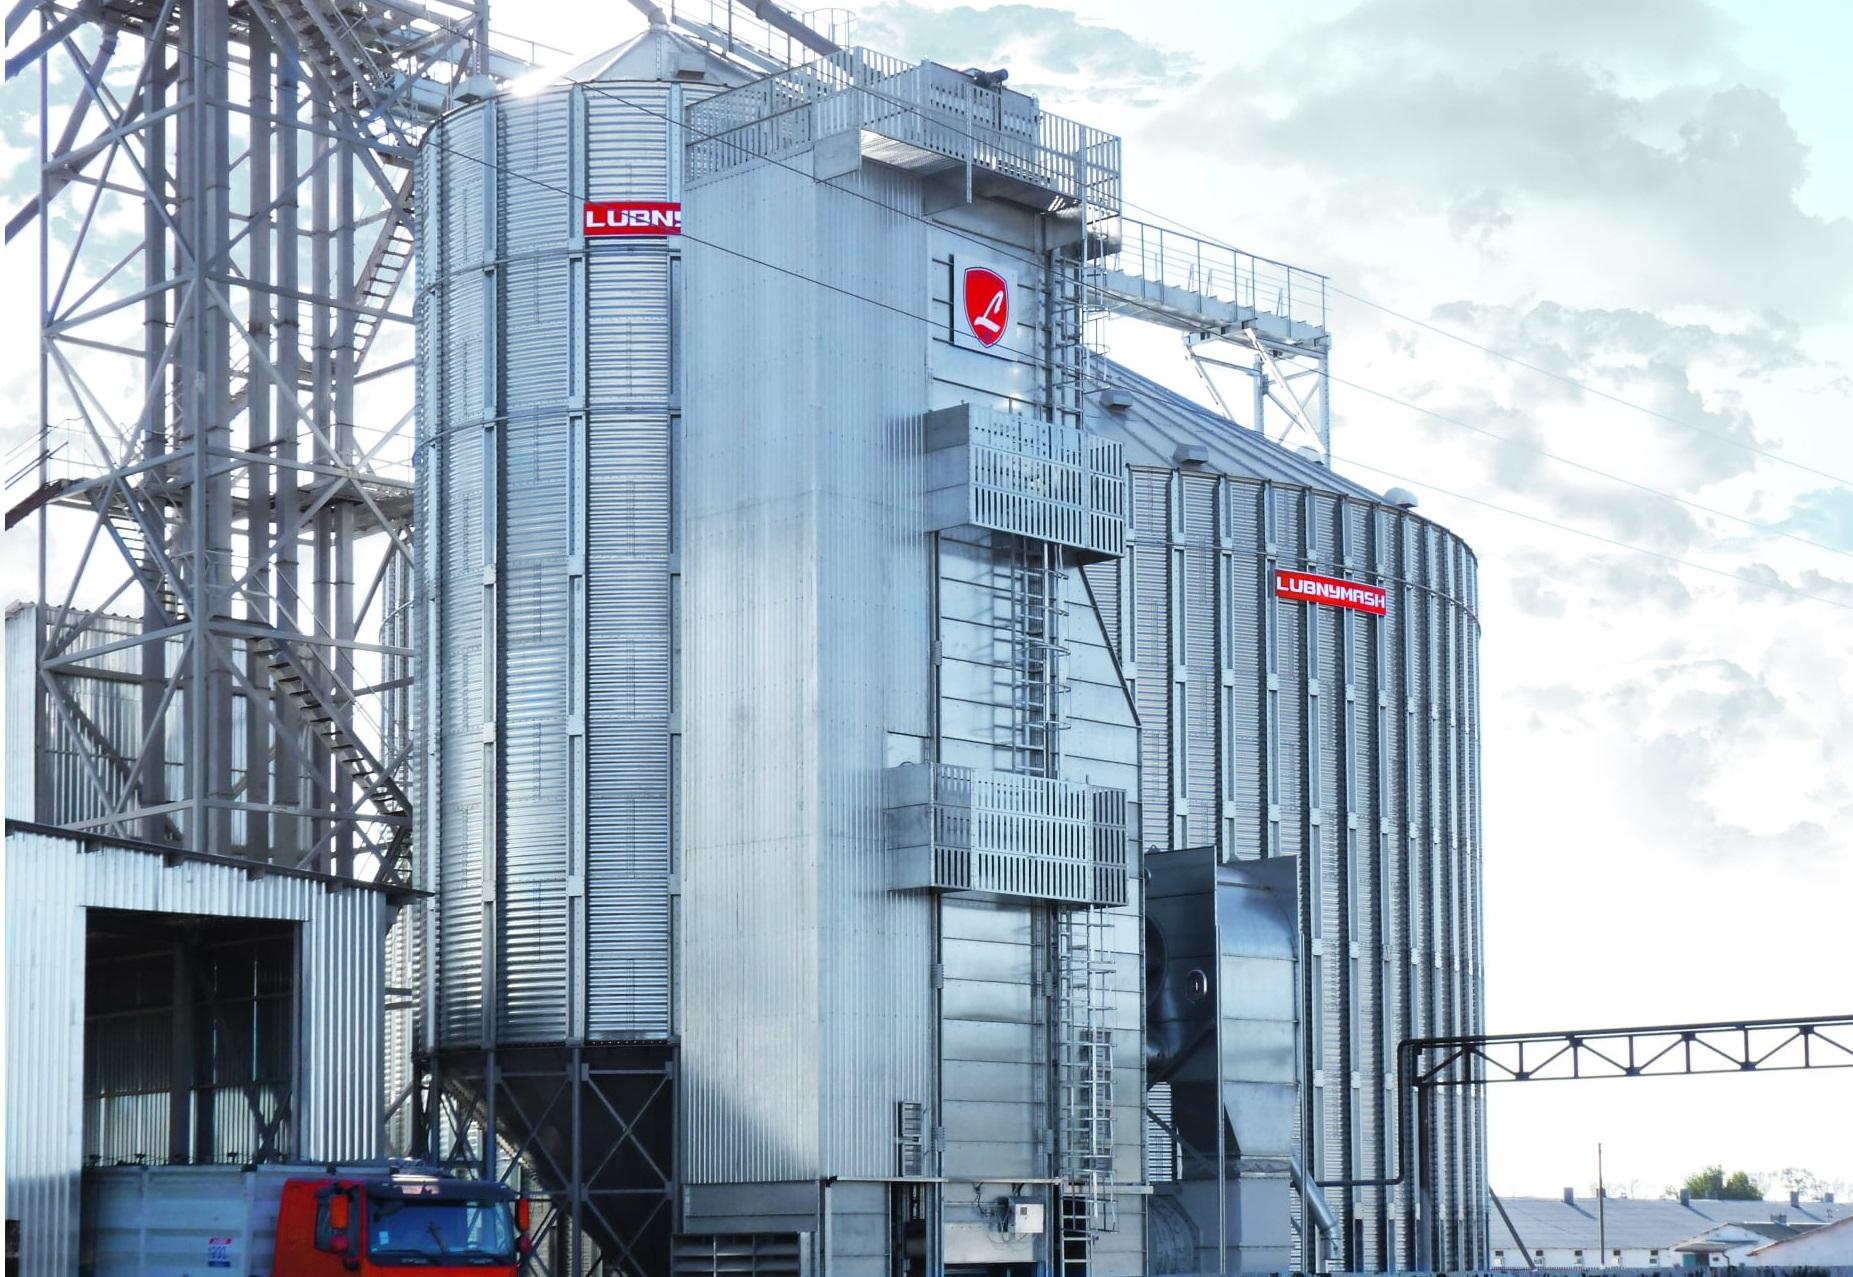 «Лубнимаш» монтує обладнання на новому фермерському елеваторі на Житомирщині